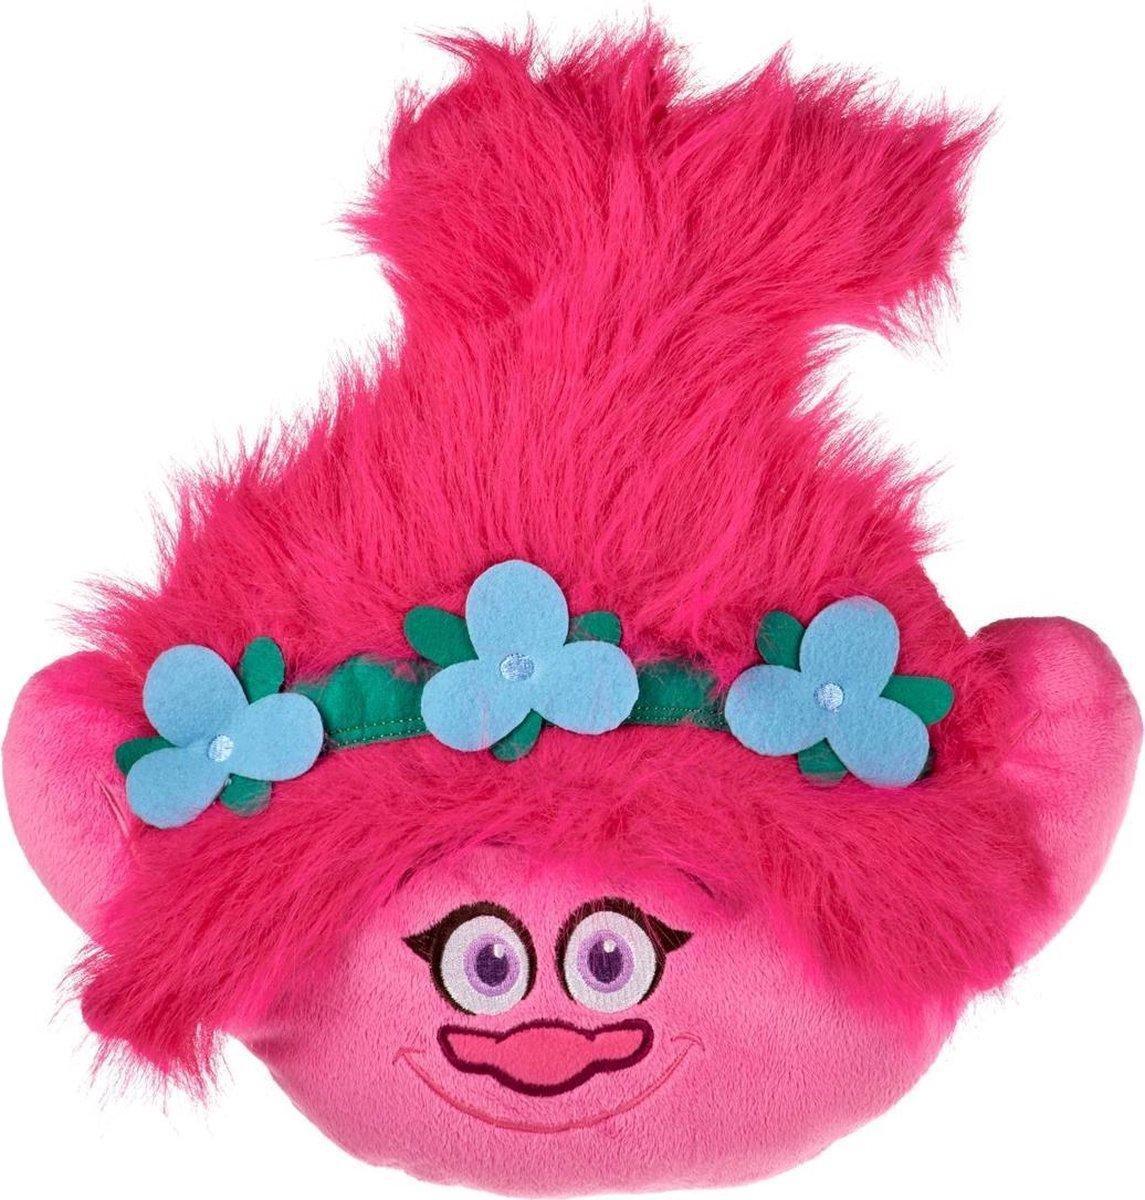 Trolls Poppy Pluche Knuffel 36 cm | Trolls Wereldtour | Trolls World tour | Roze Knuffel kussen Trols Poppie